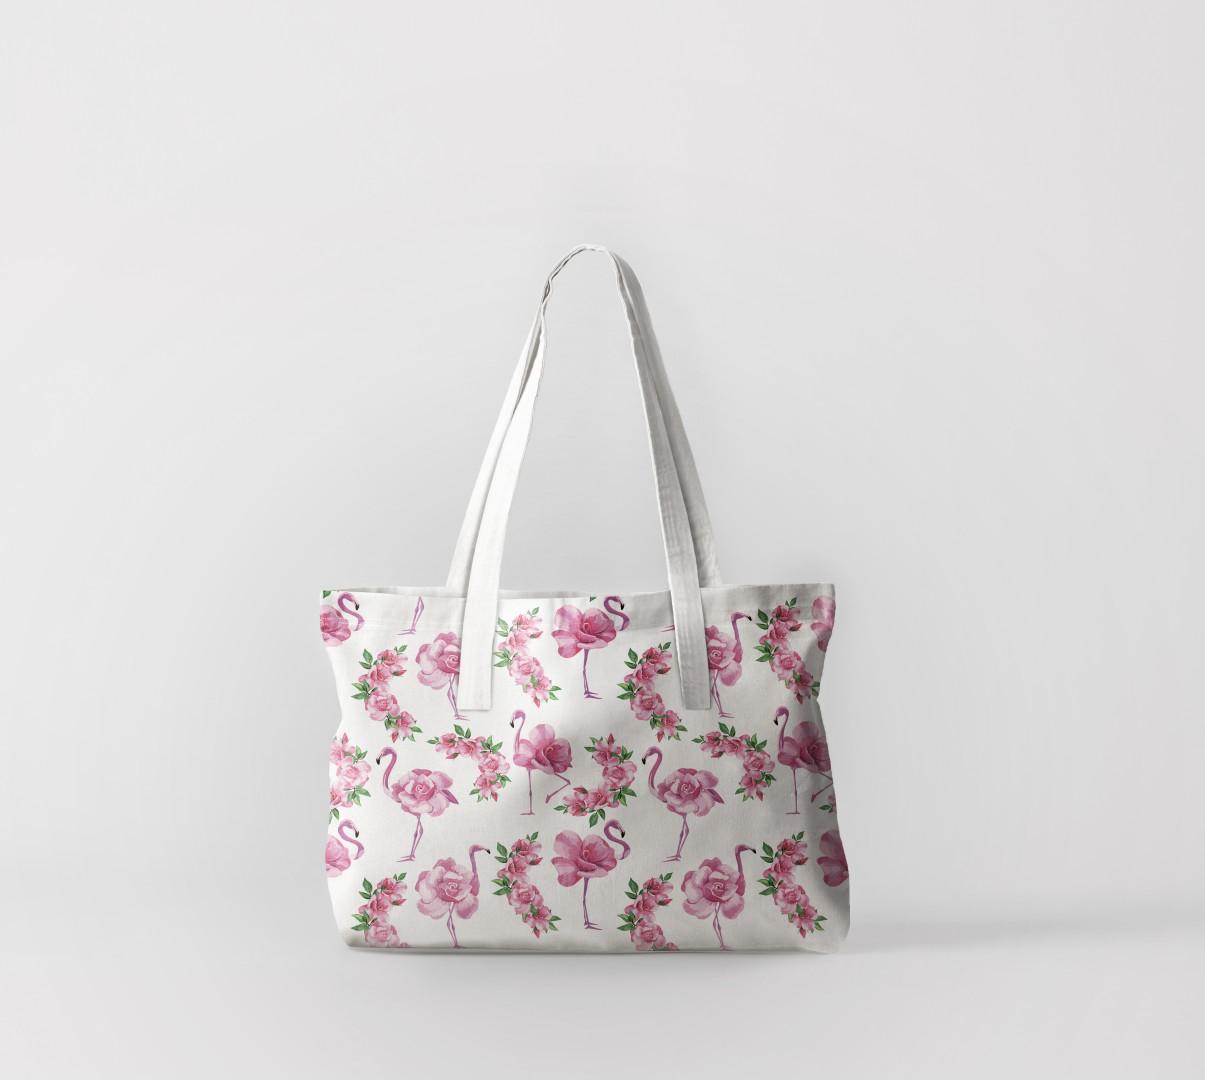 Пляжная сумка Фламинго из розы (50х40 см) Олимп Текстиль oli732598